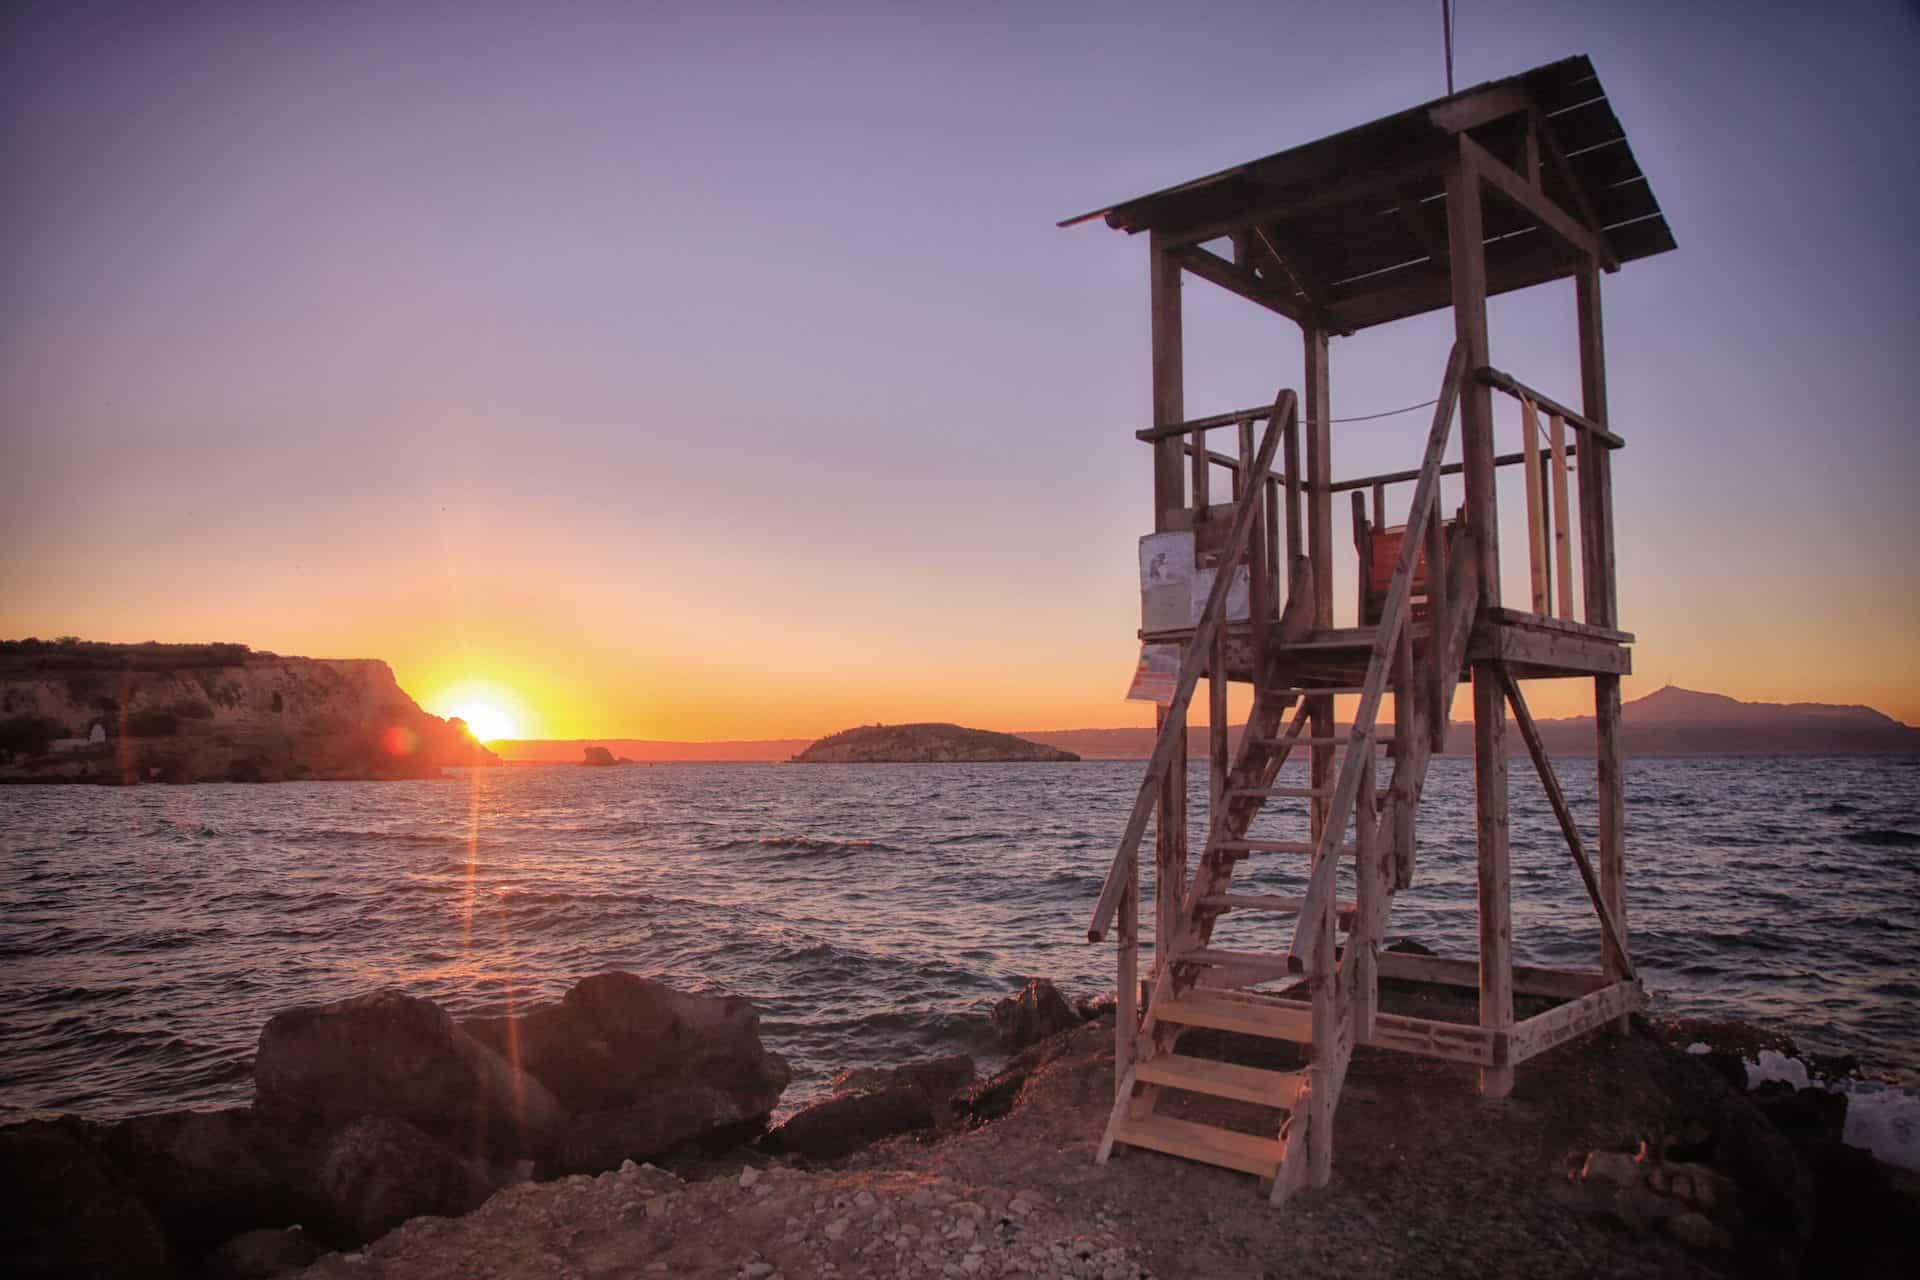 Sunset Lifeguard Station Crete